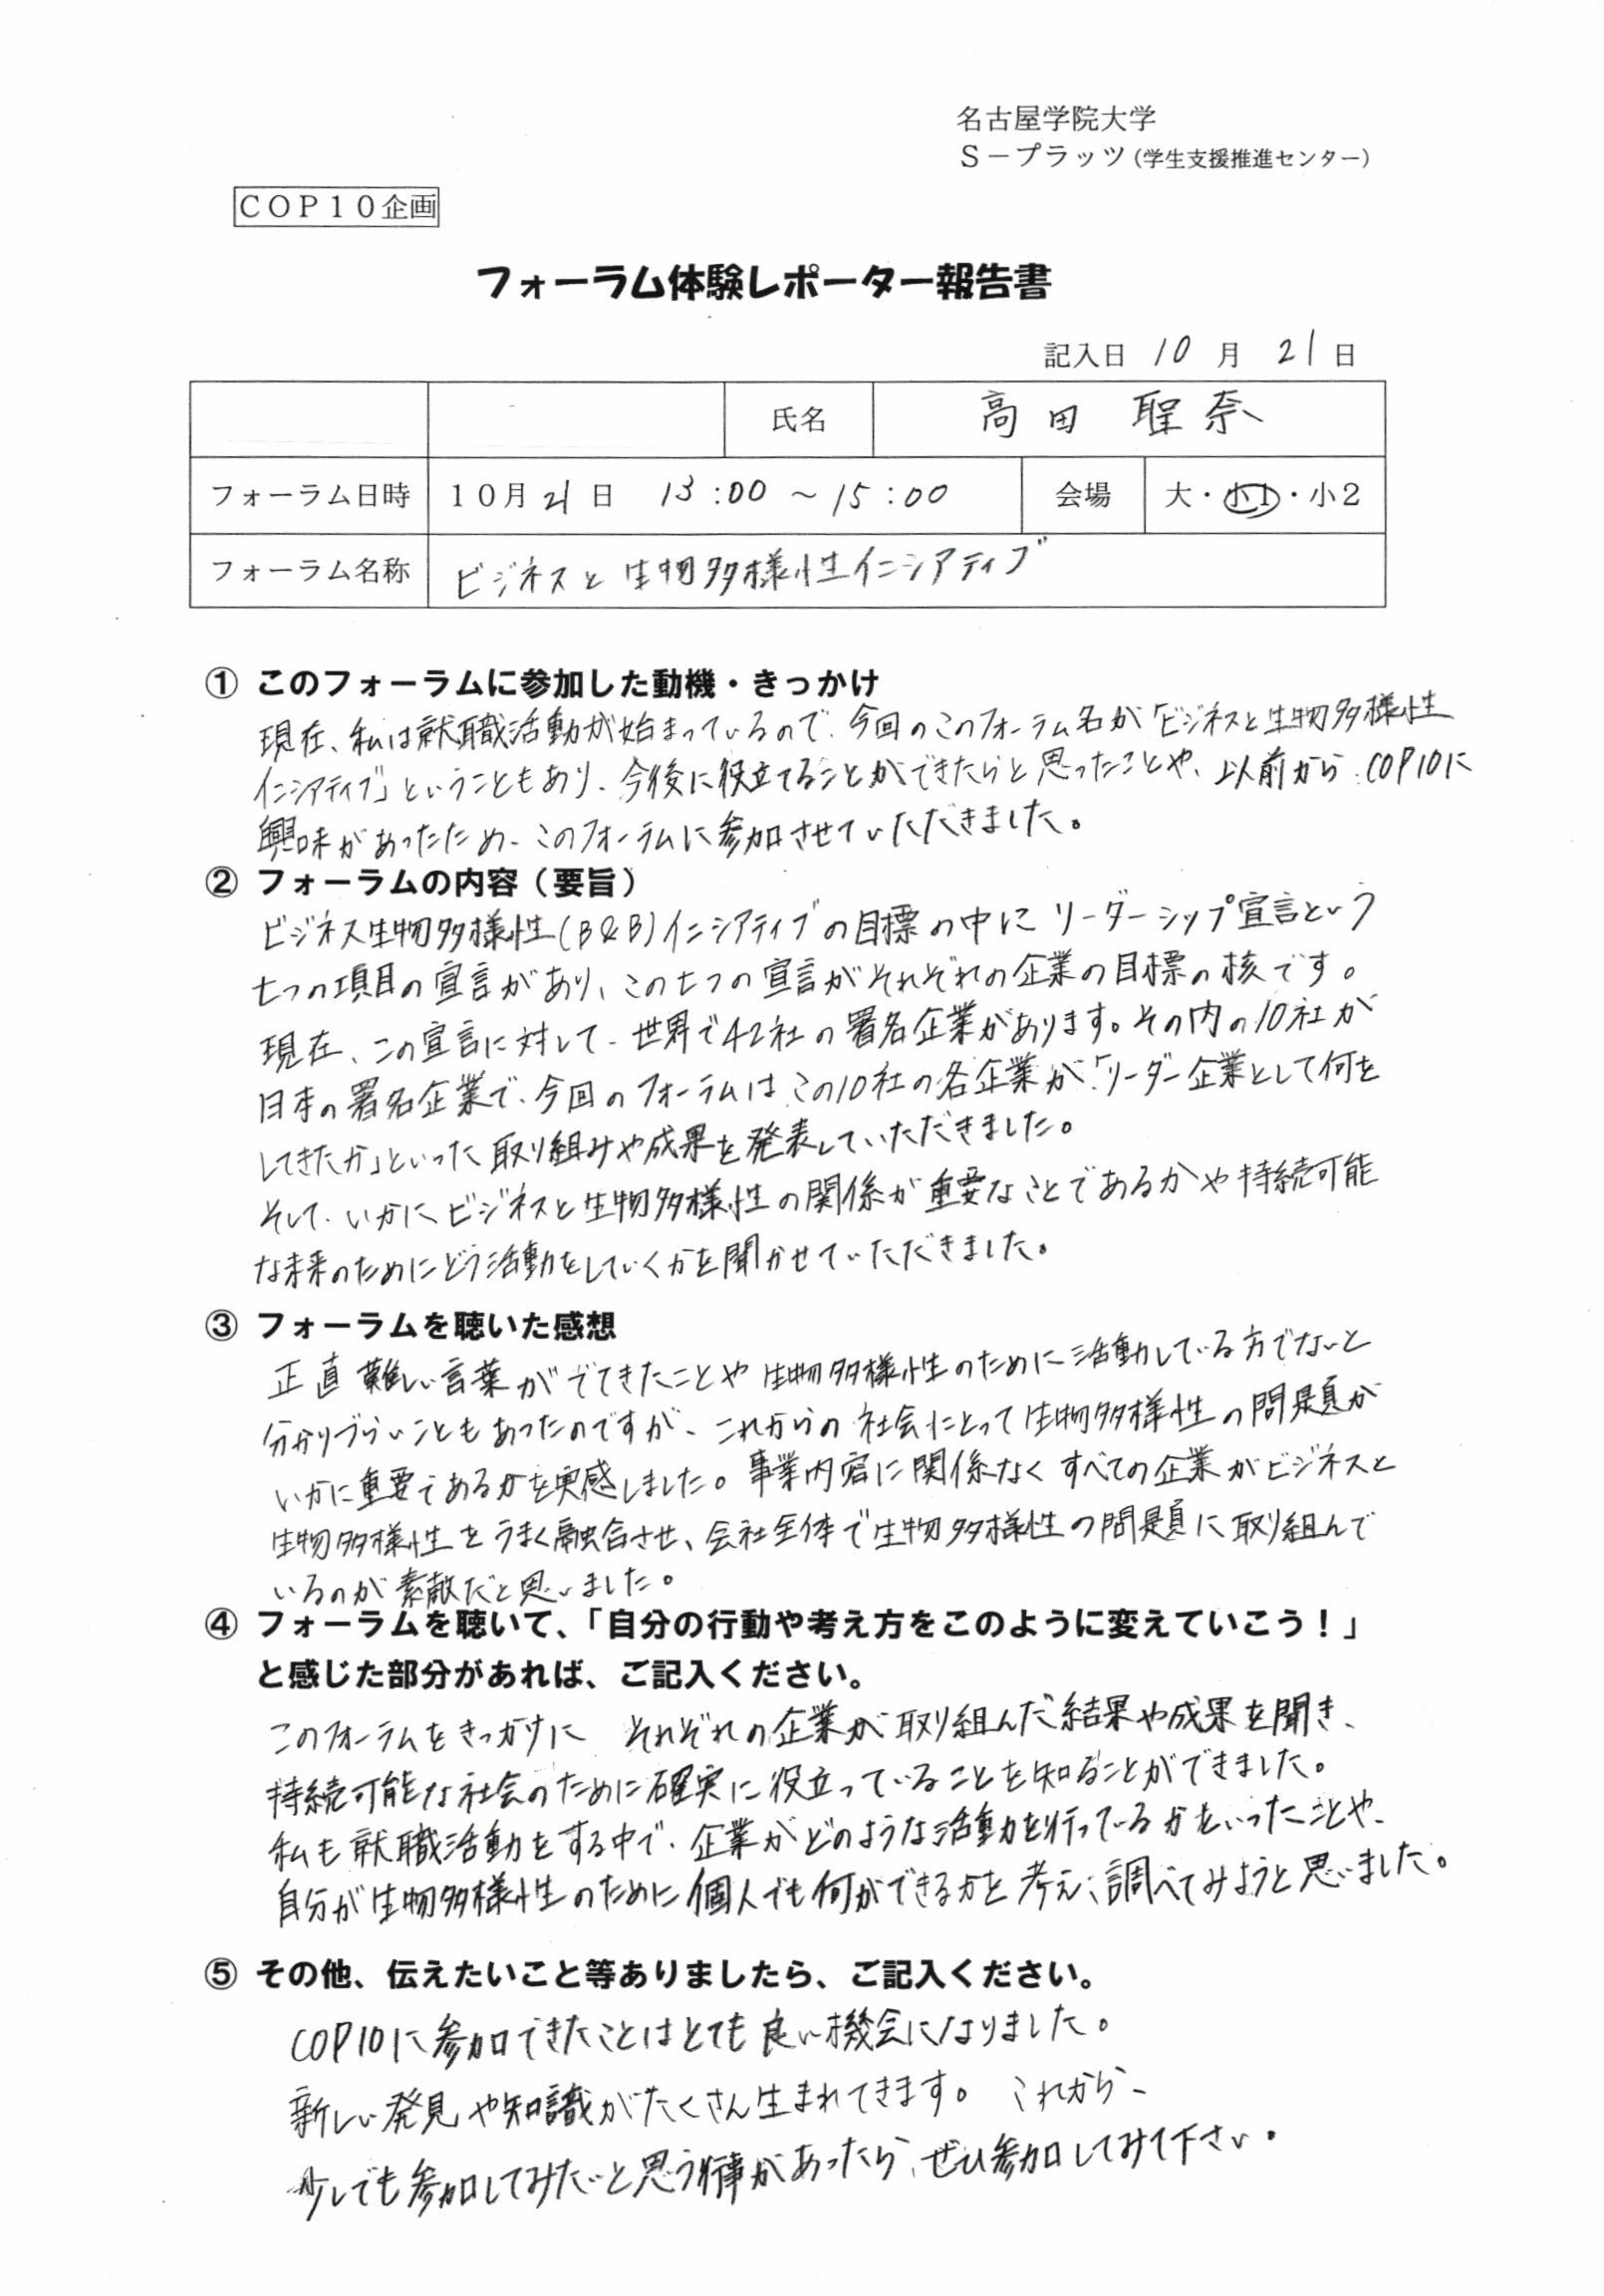 フォーラム体験レポーター報告高田